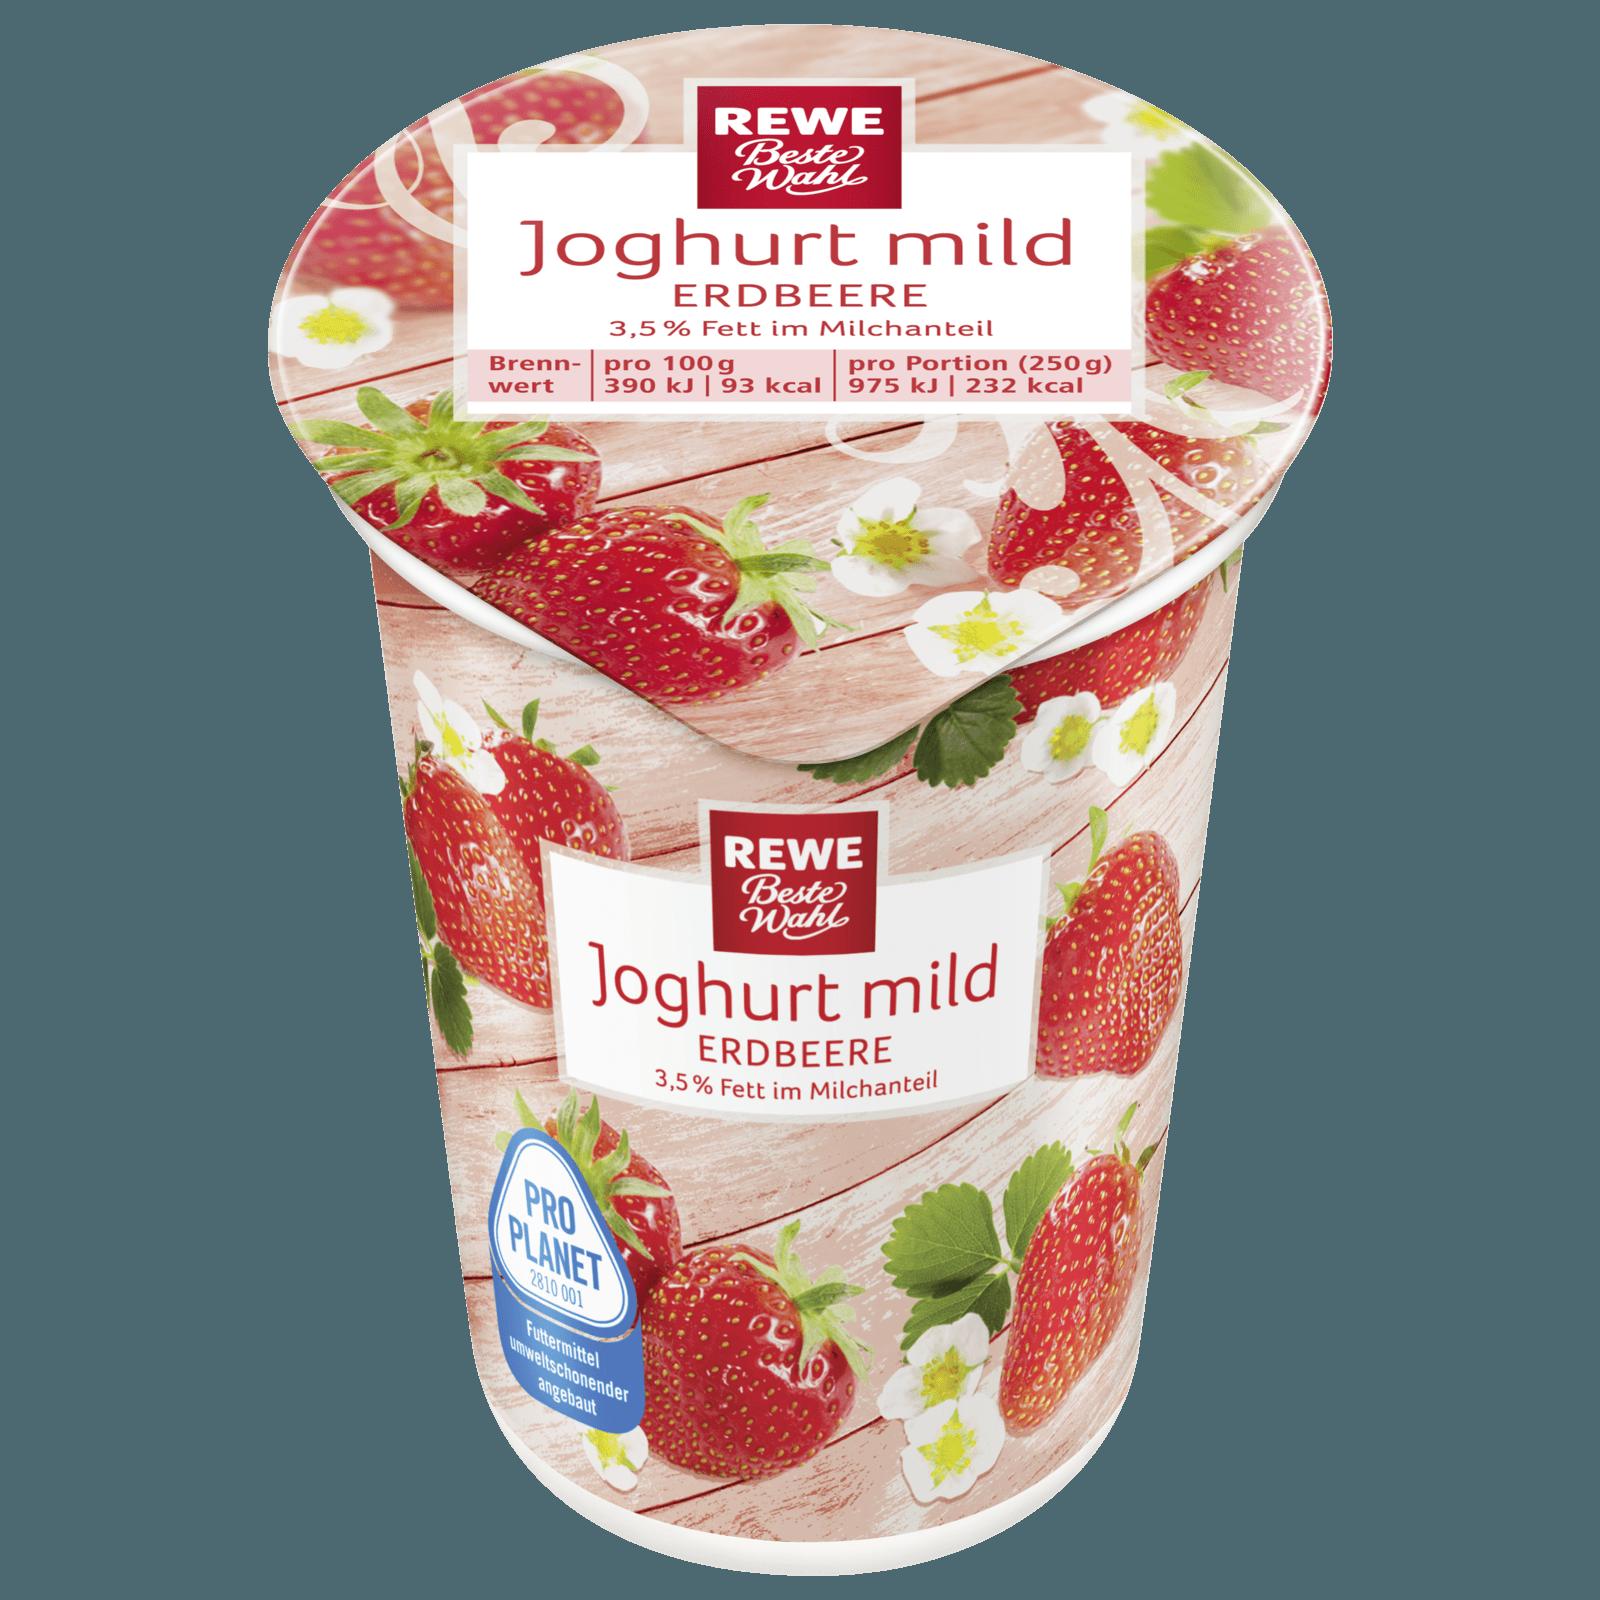 Joghurt mild mit 19 % Erdbeerzubereitung, 3,5 % Fett im Milchanteil